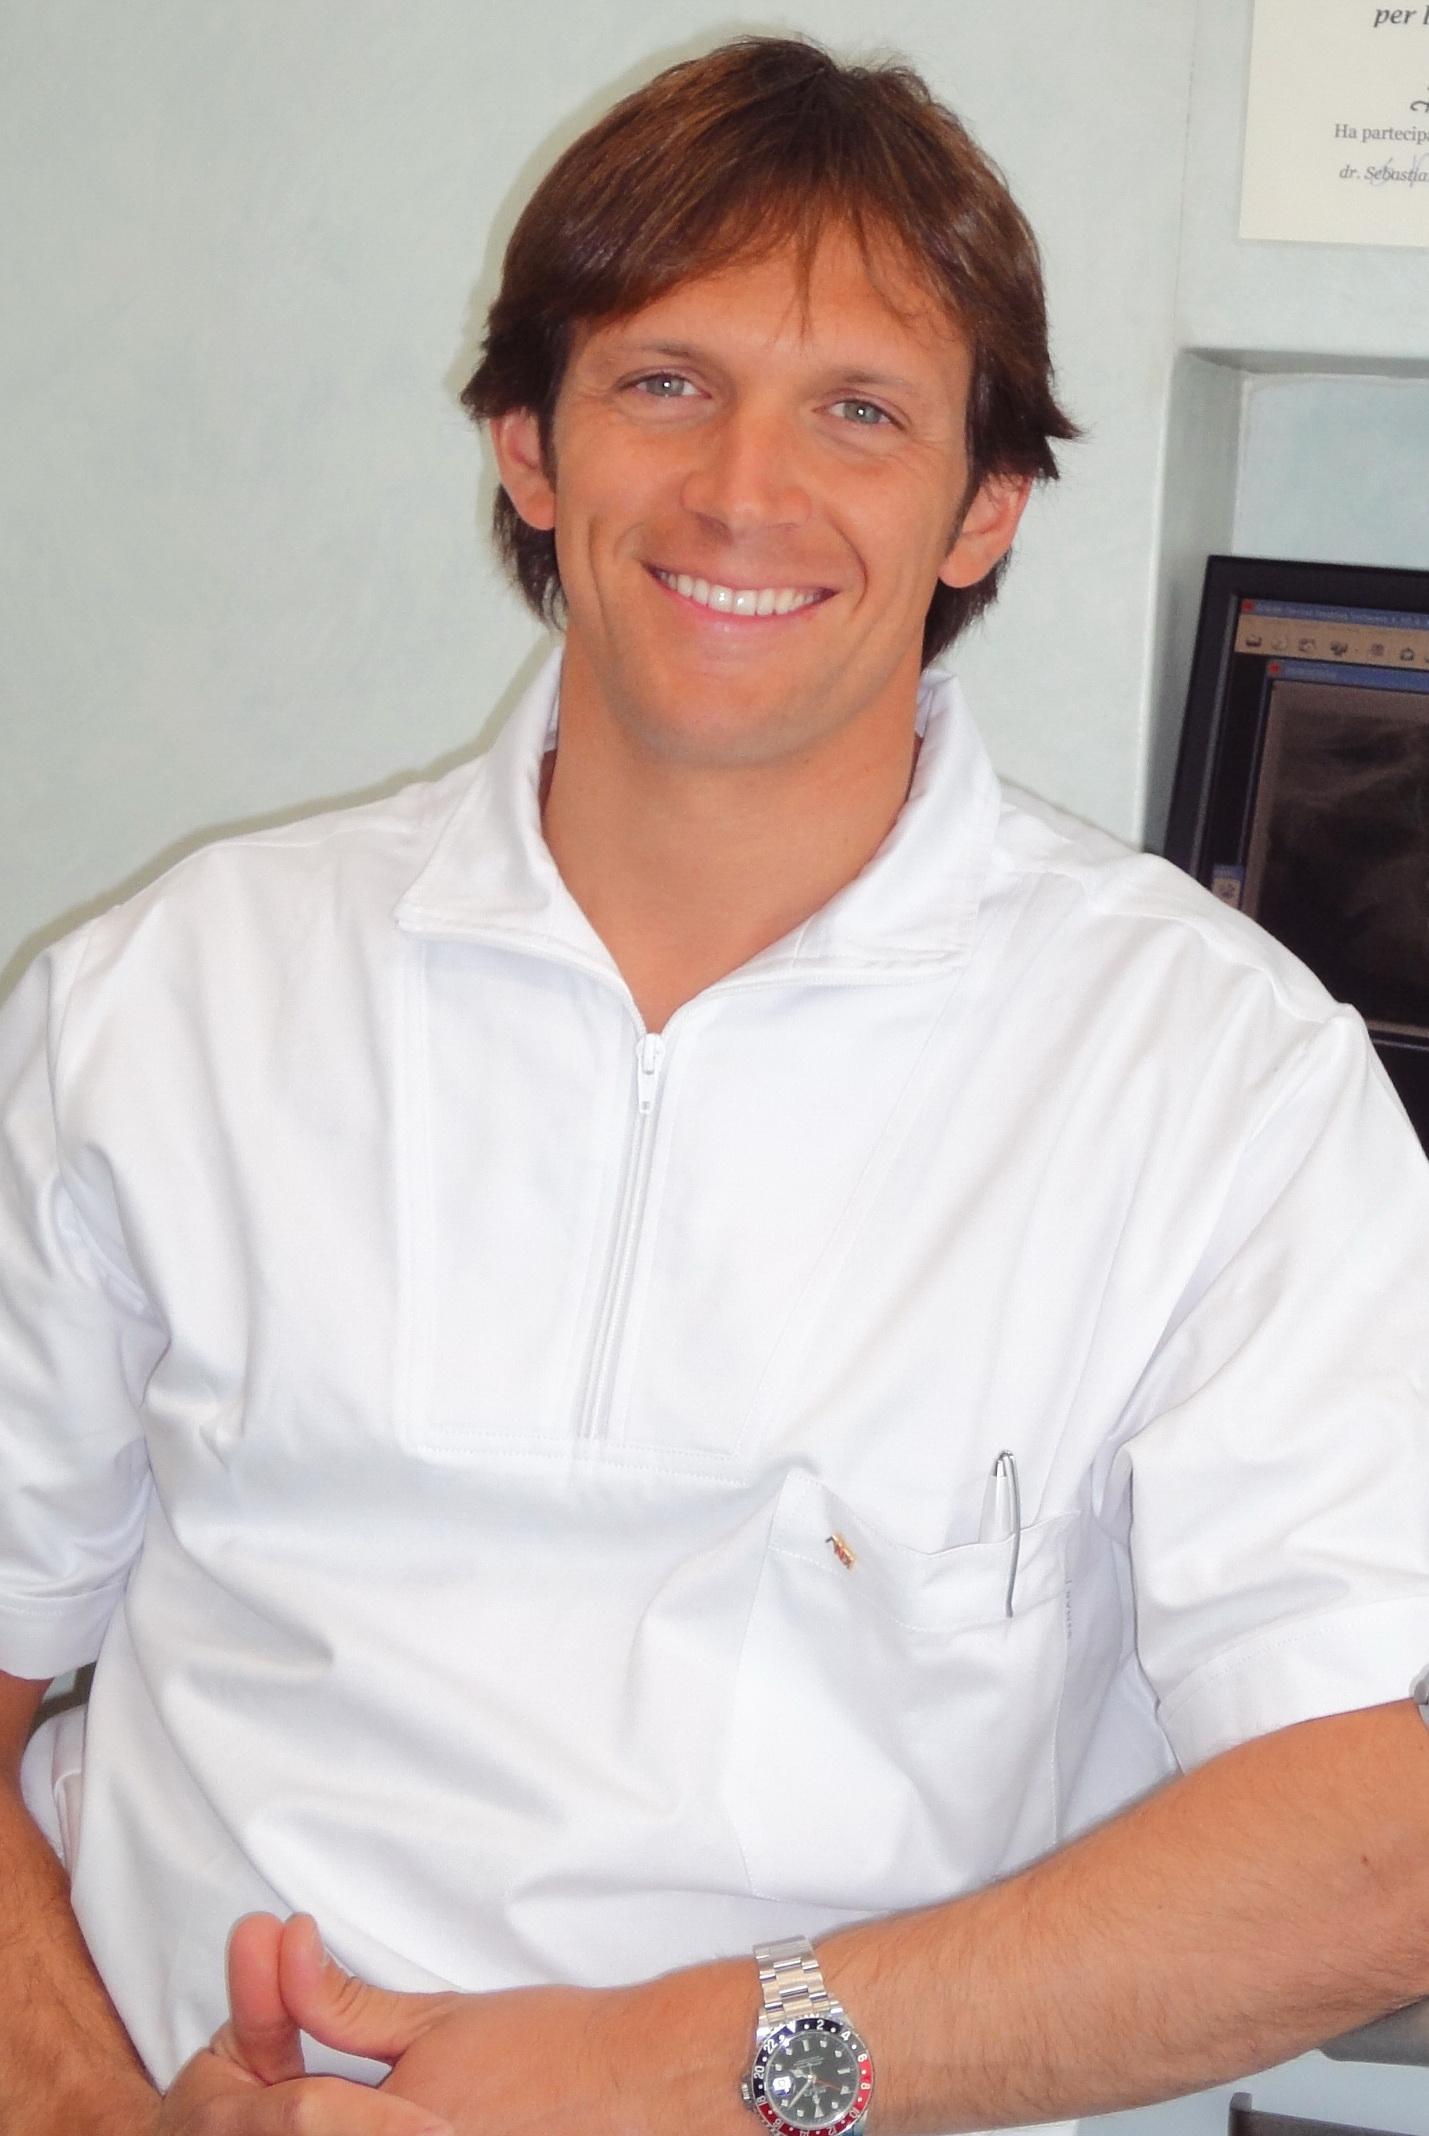 Simone Spagarino